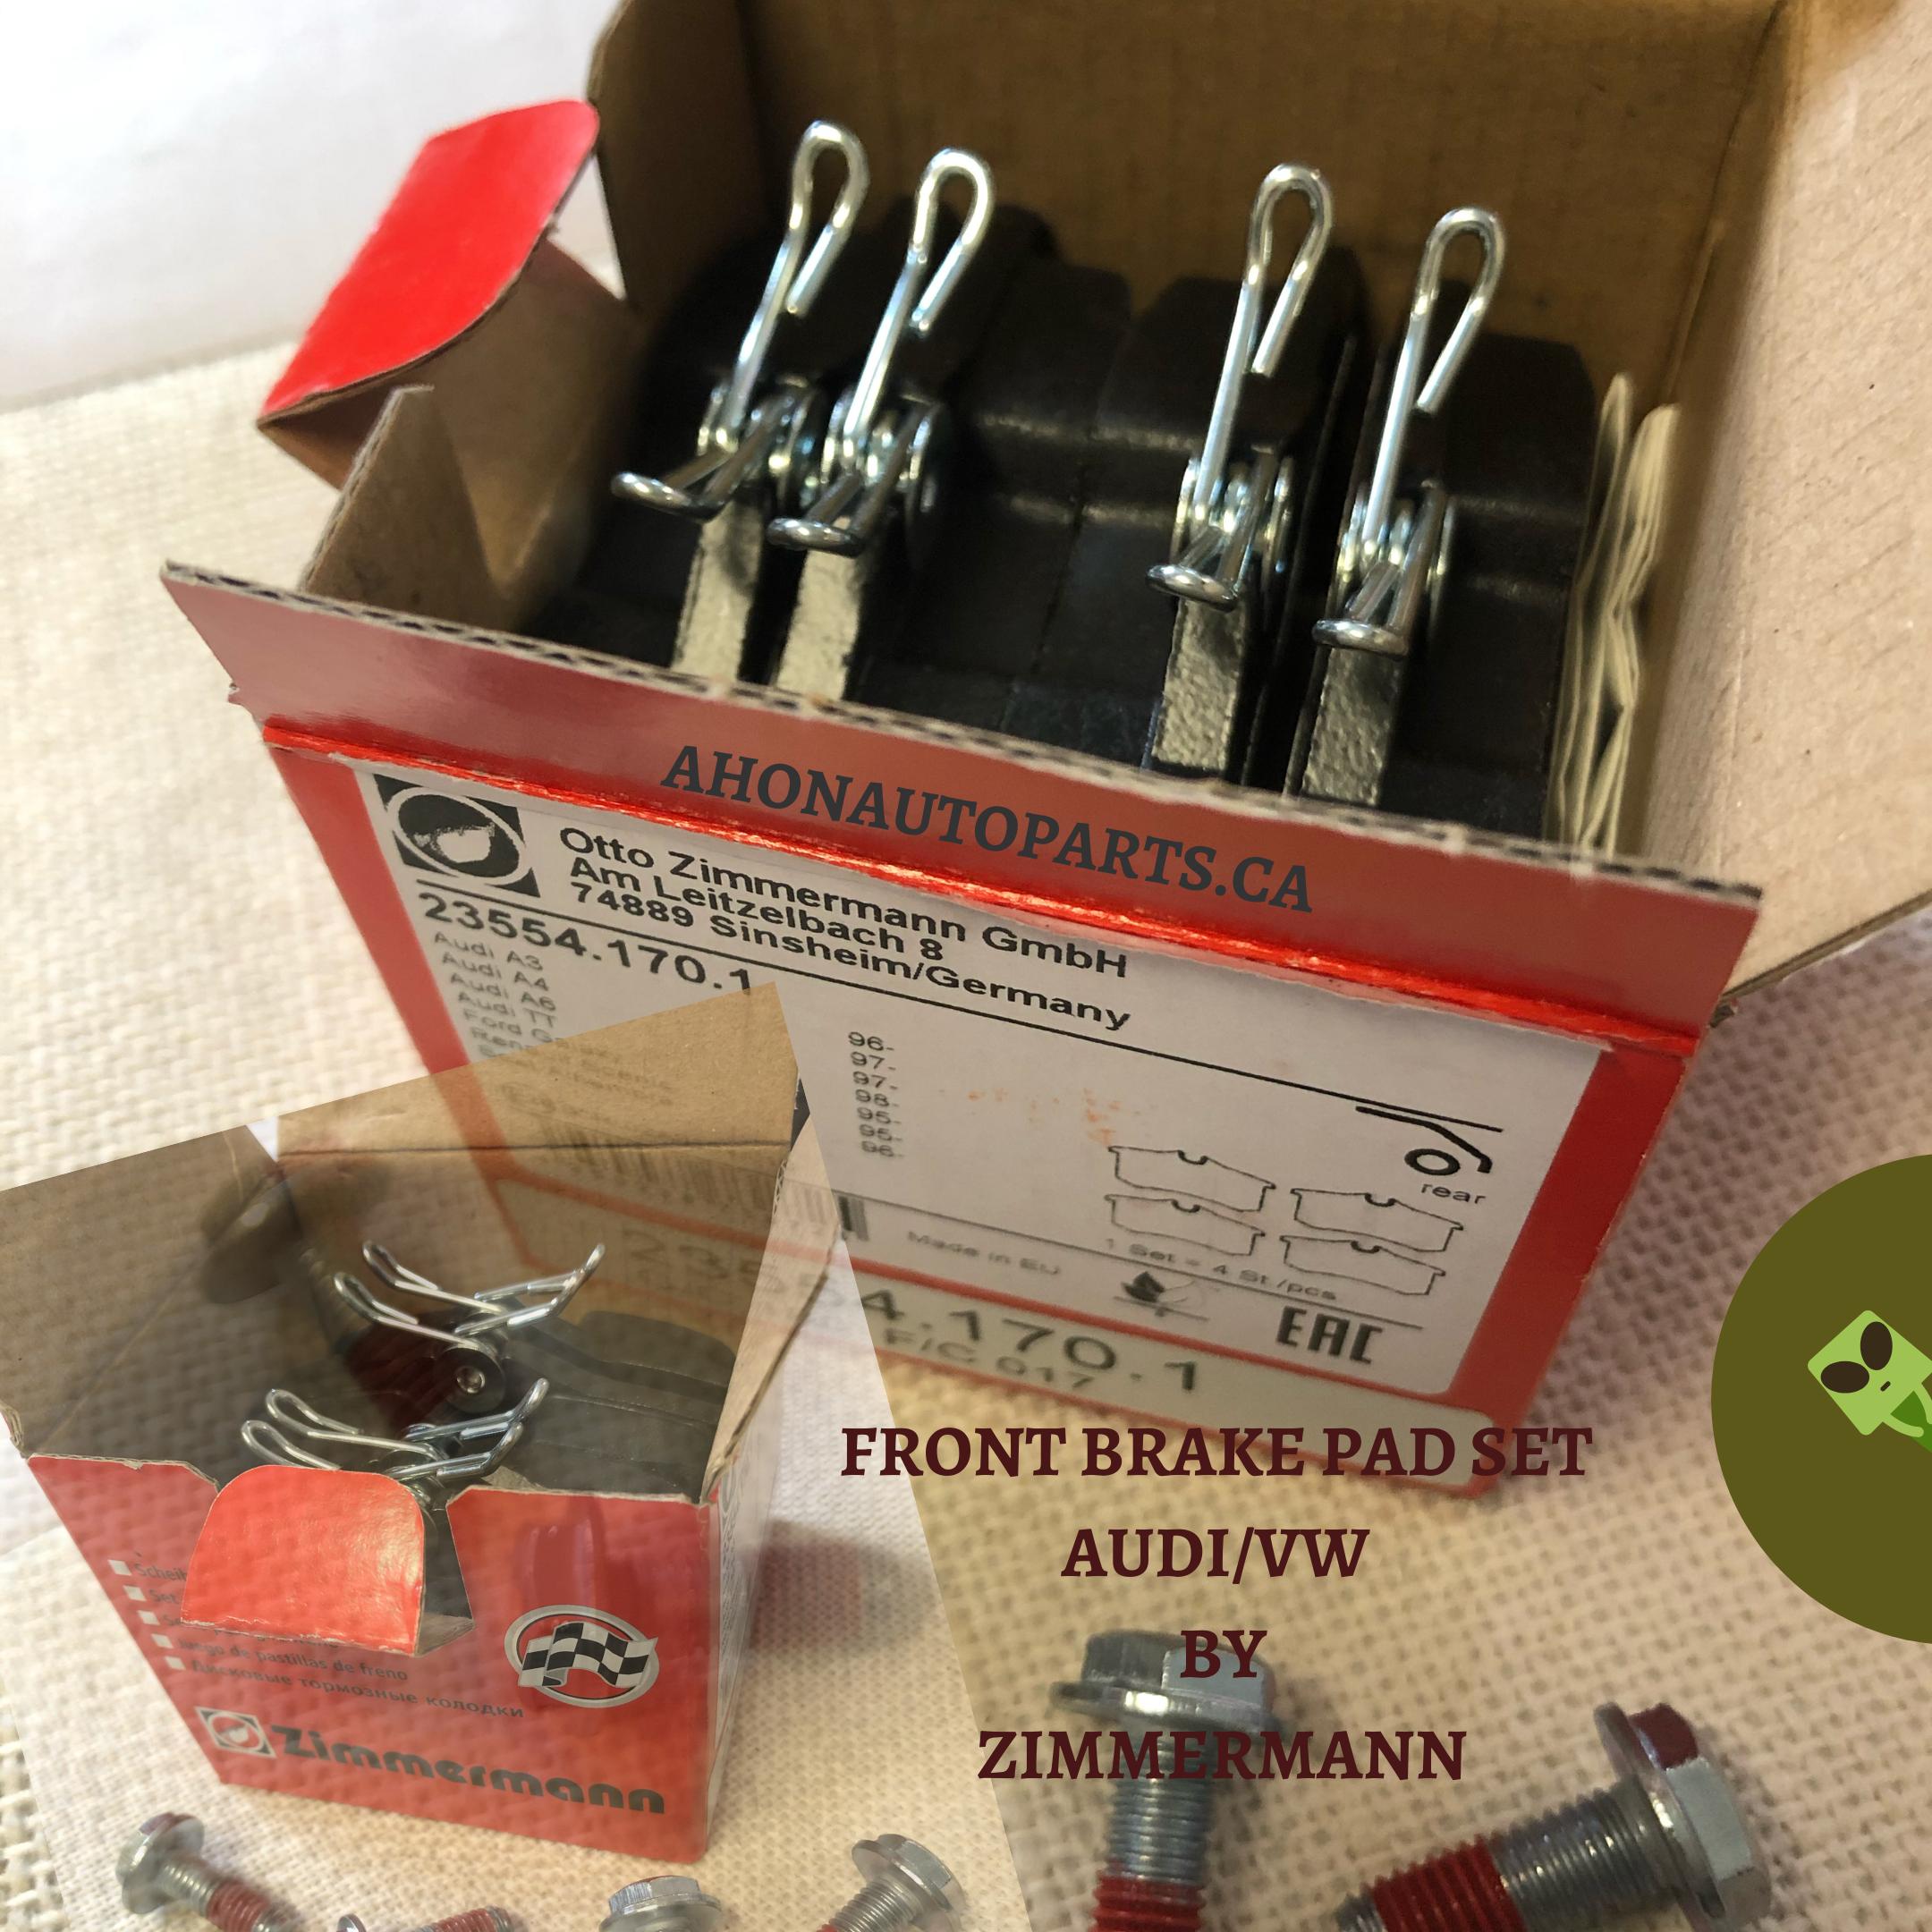 Zimmermann Front Brake Pad Set 23554 170 1 Front Brakes Brake Pads Pad